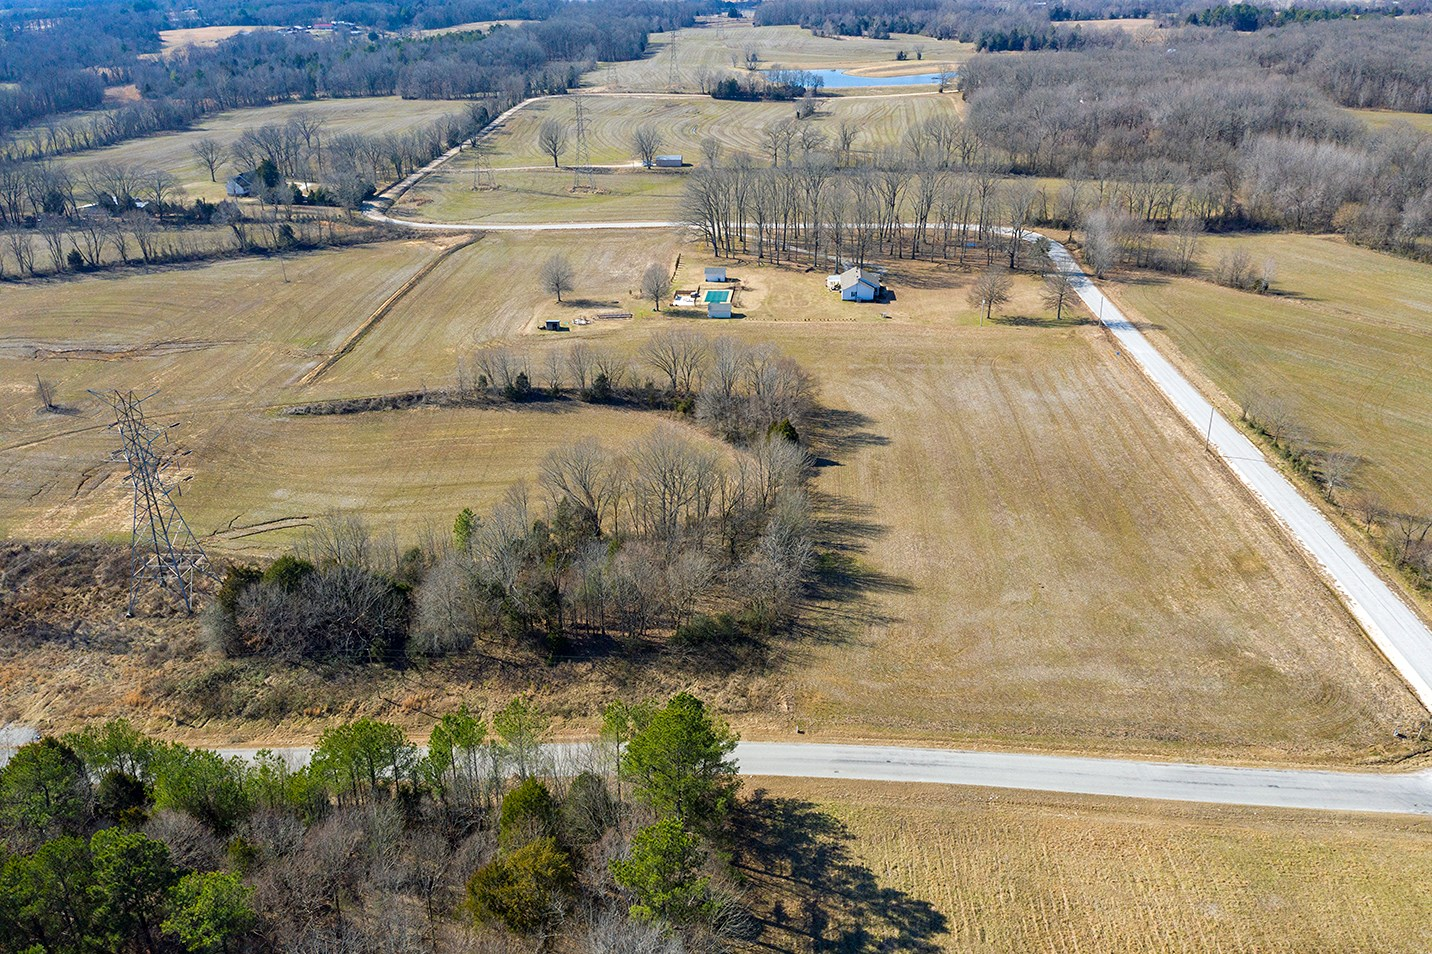 Land For Sale - Building Site - Hobby Farm - West TN Ag Land